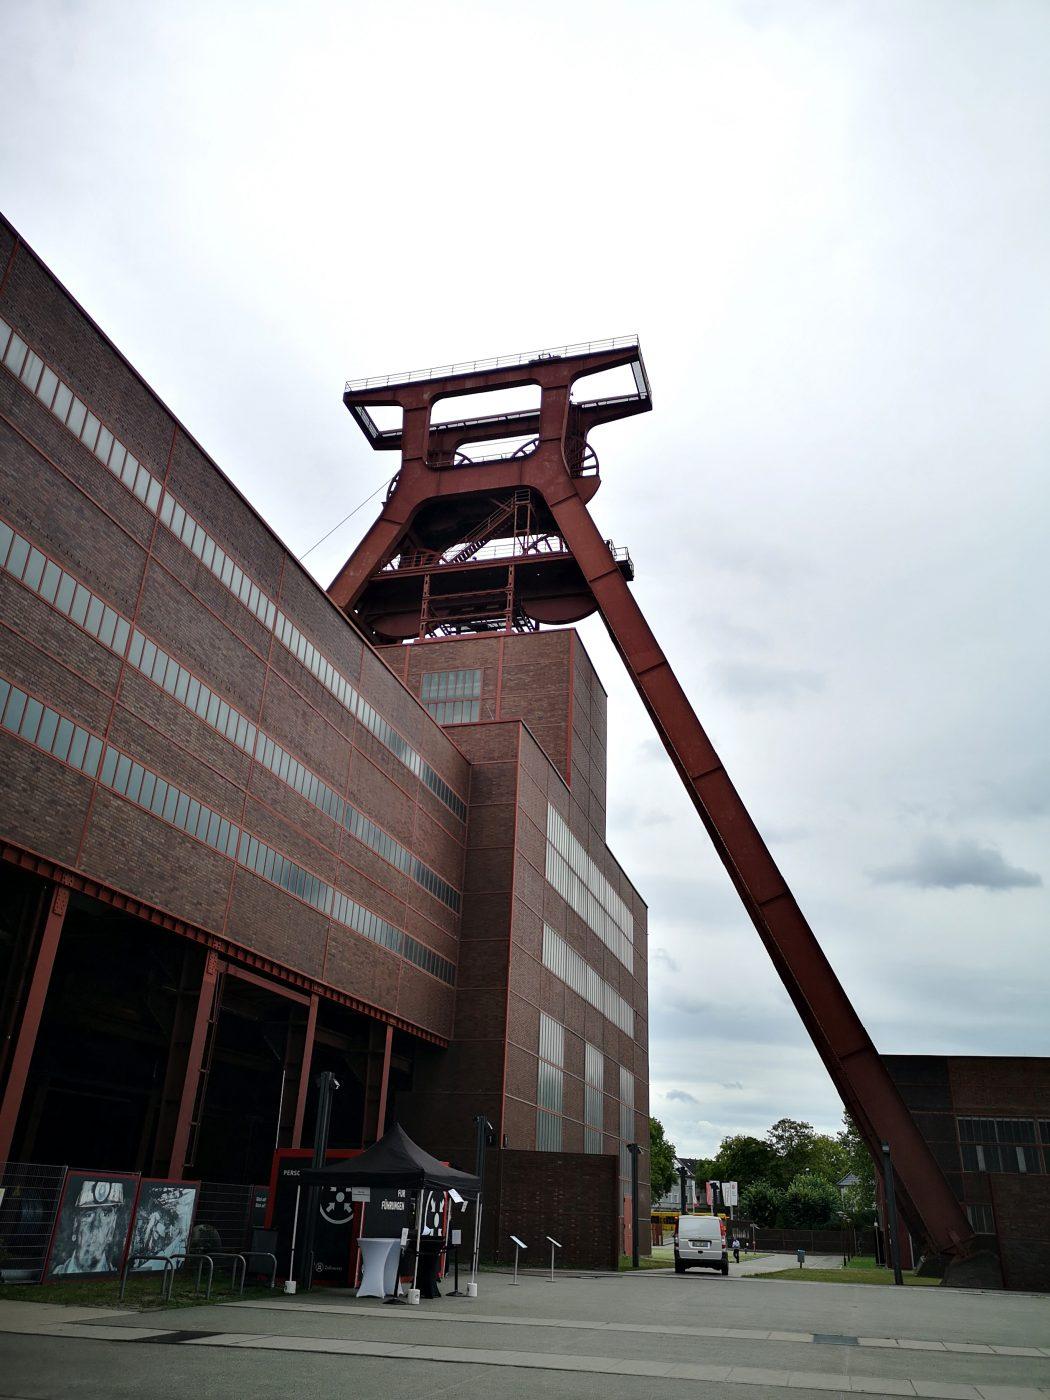 Das Bild zeigt den Doppelbock auf Zollverein